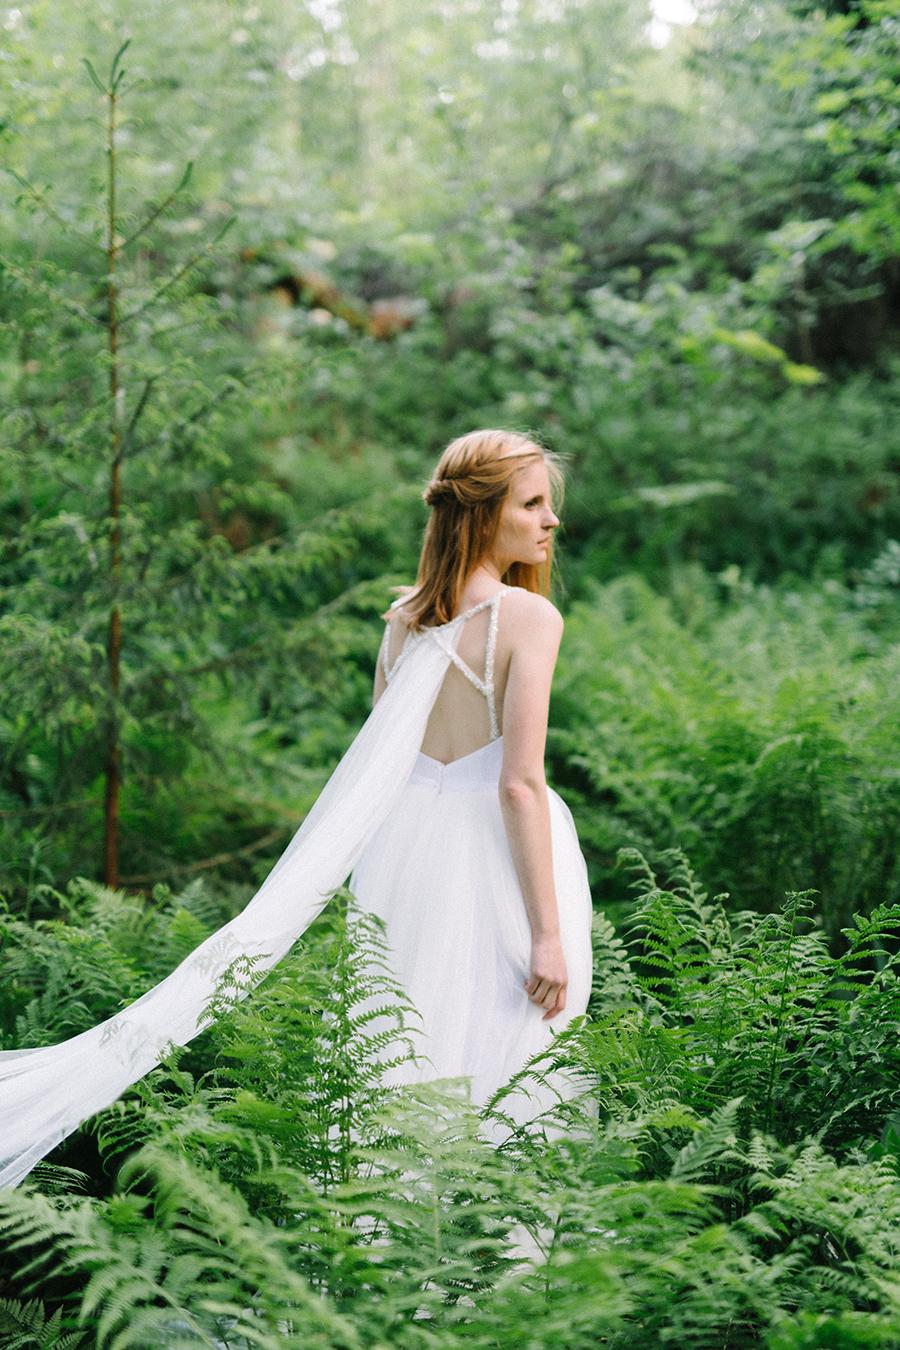 Woodsy Bridal Boudoir Morsian Huomenlahjakuvaus (8).jpg